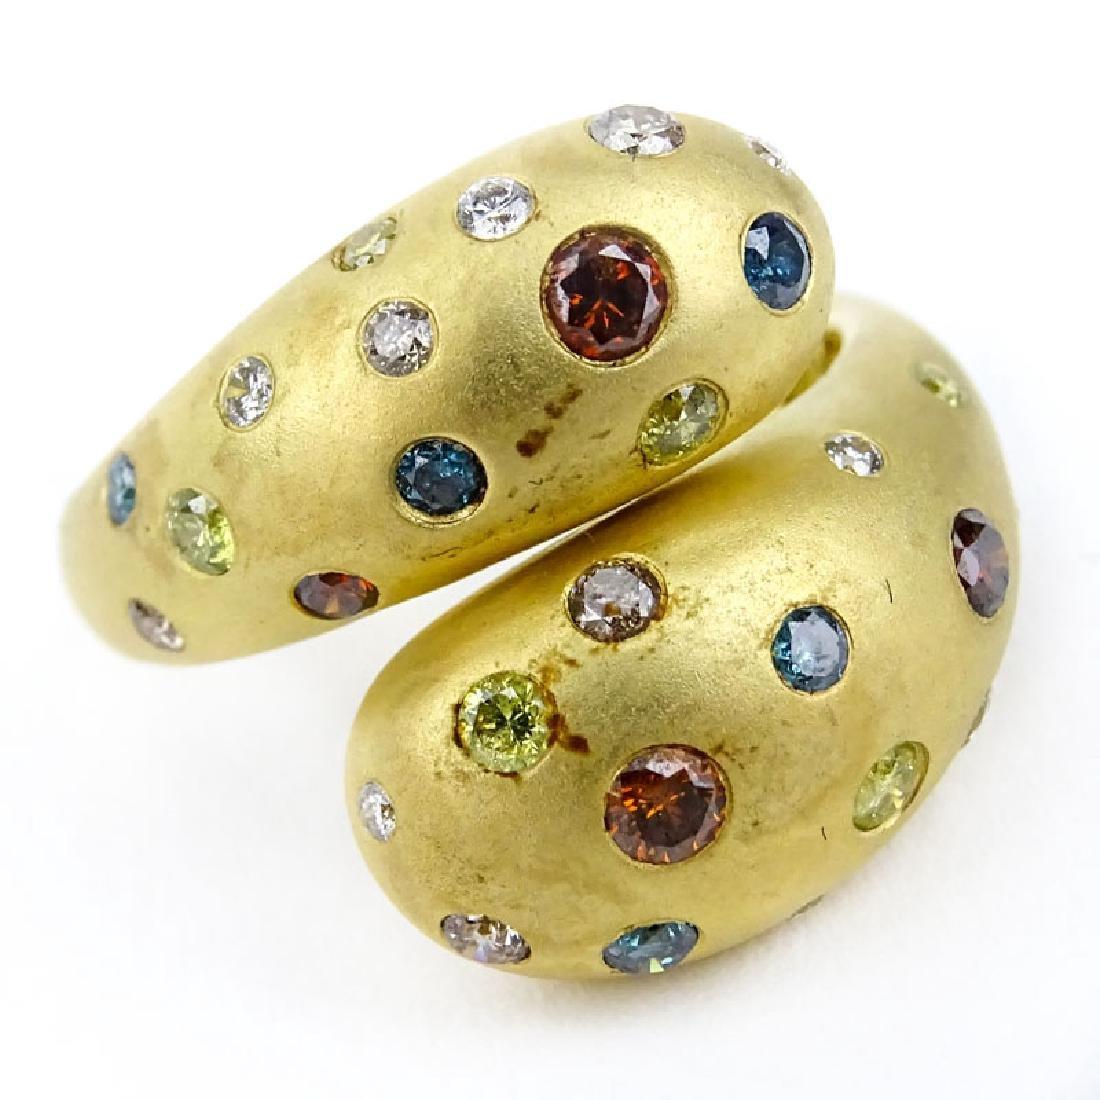 Vintage 18 Karat Yellow Gold Diamond and Gemstone Ring.